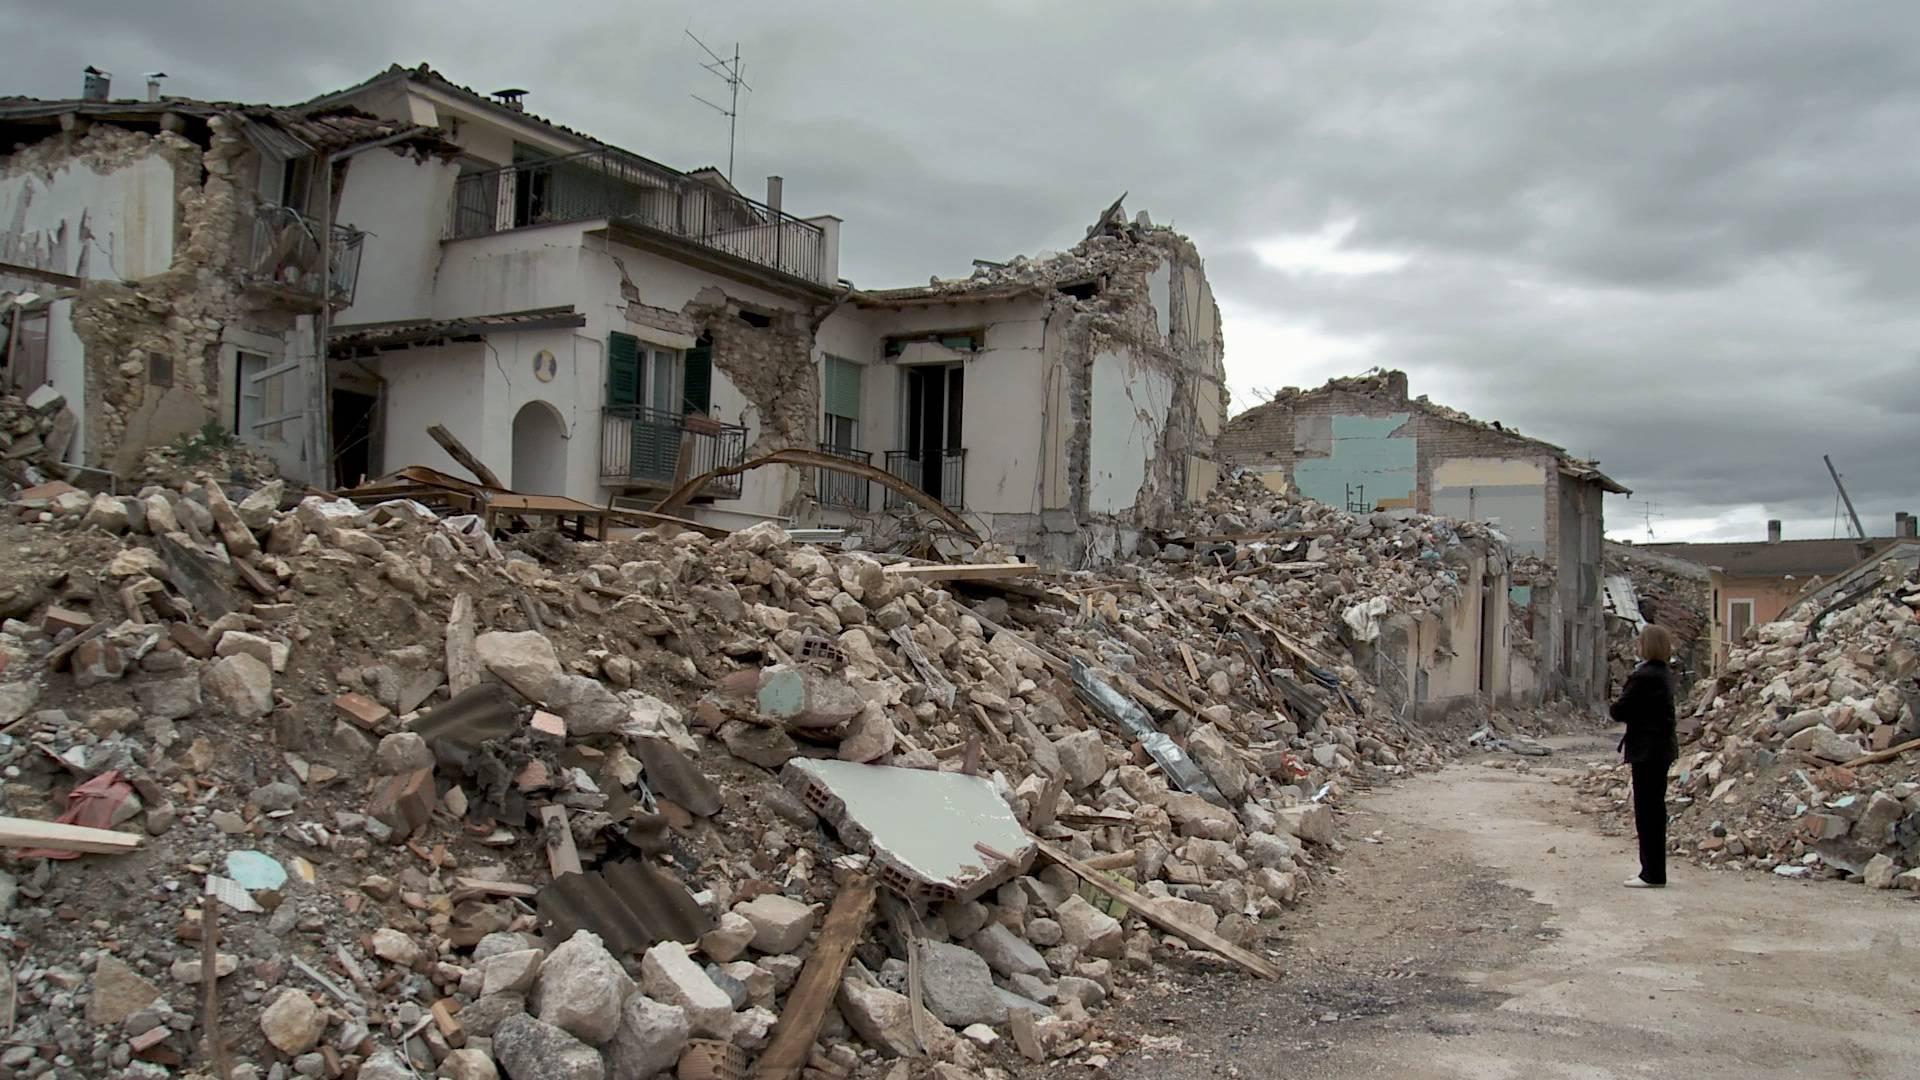 L'Aquila dieci anni dopo il terremoto - Leggilo